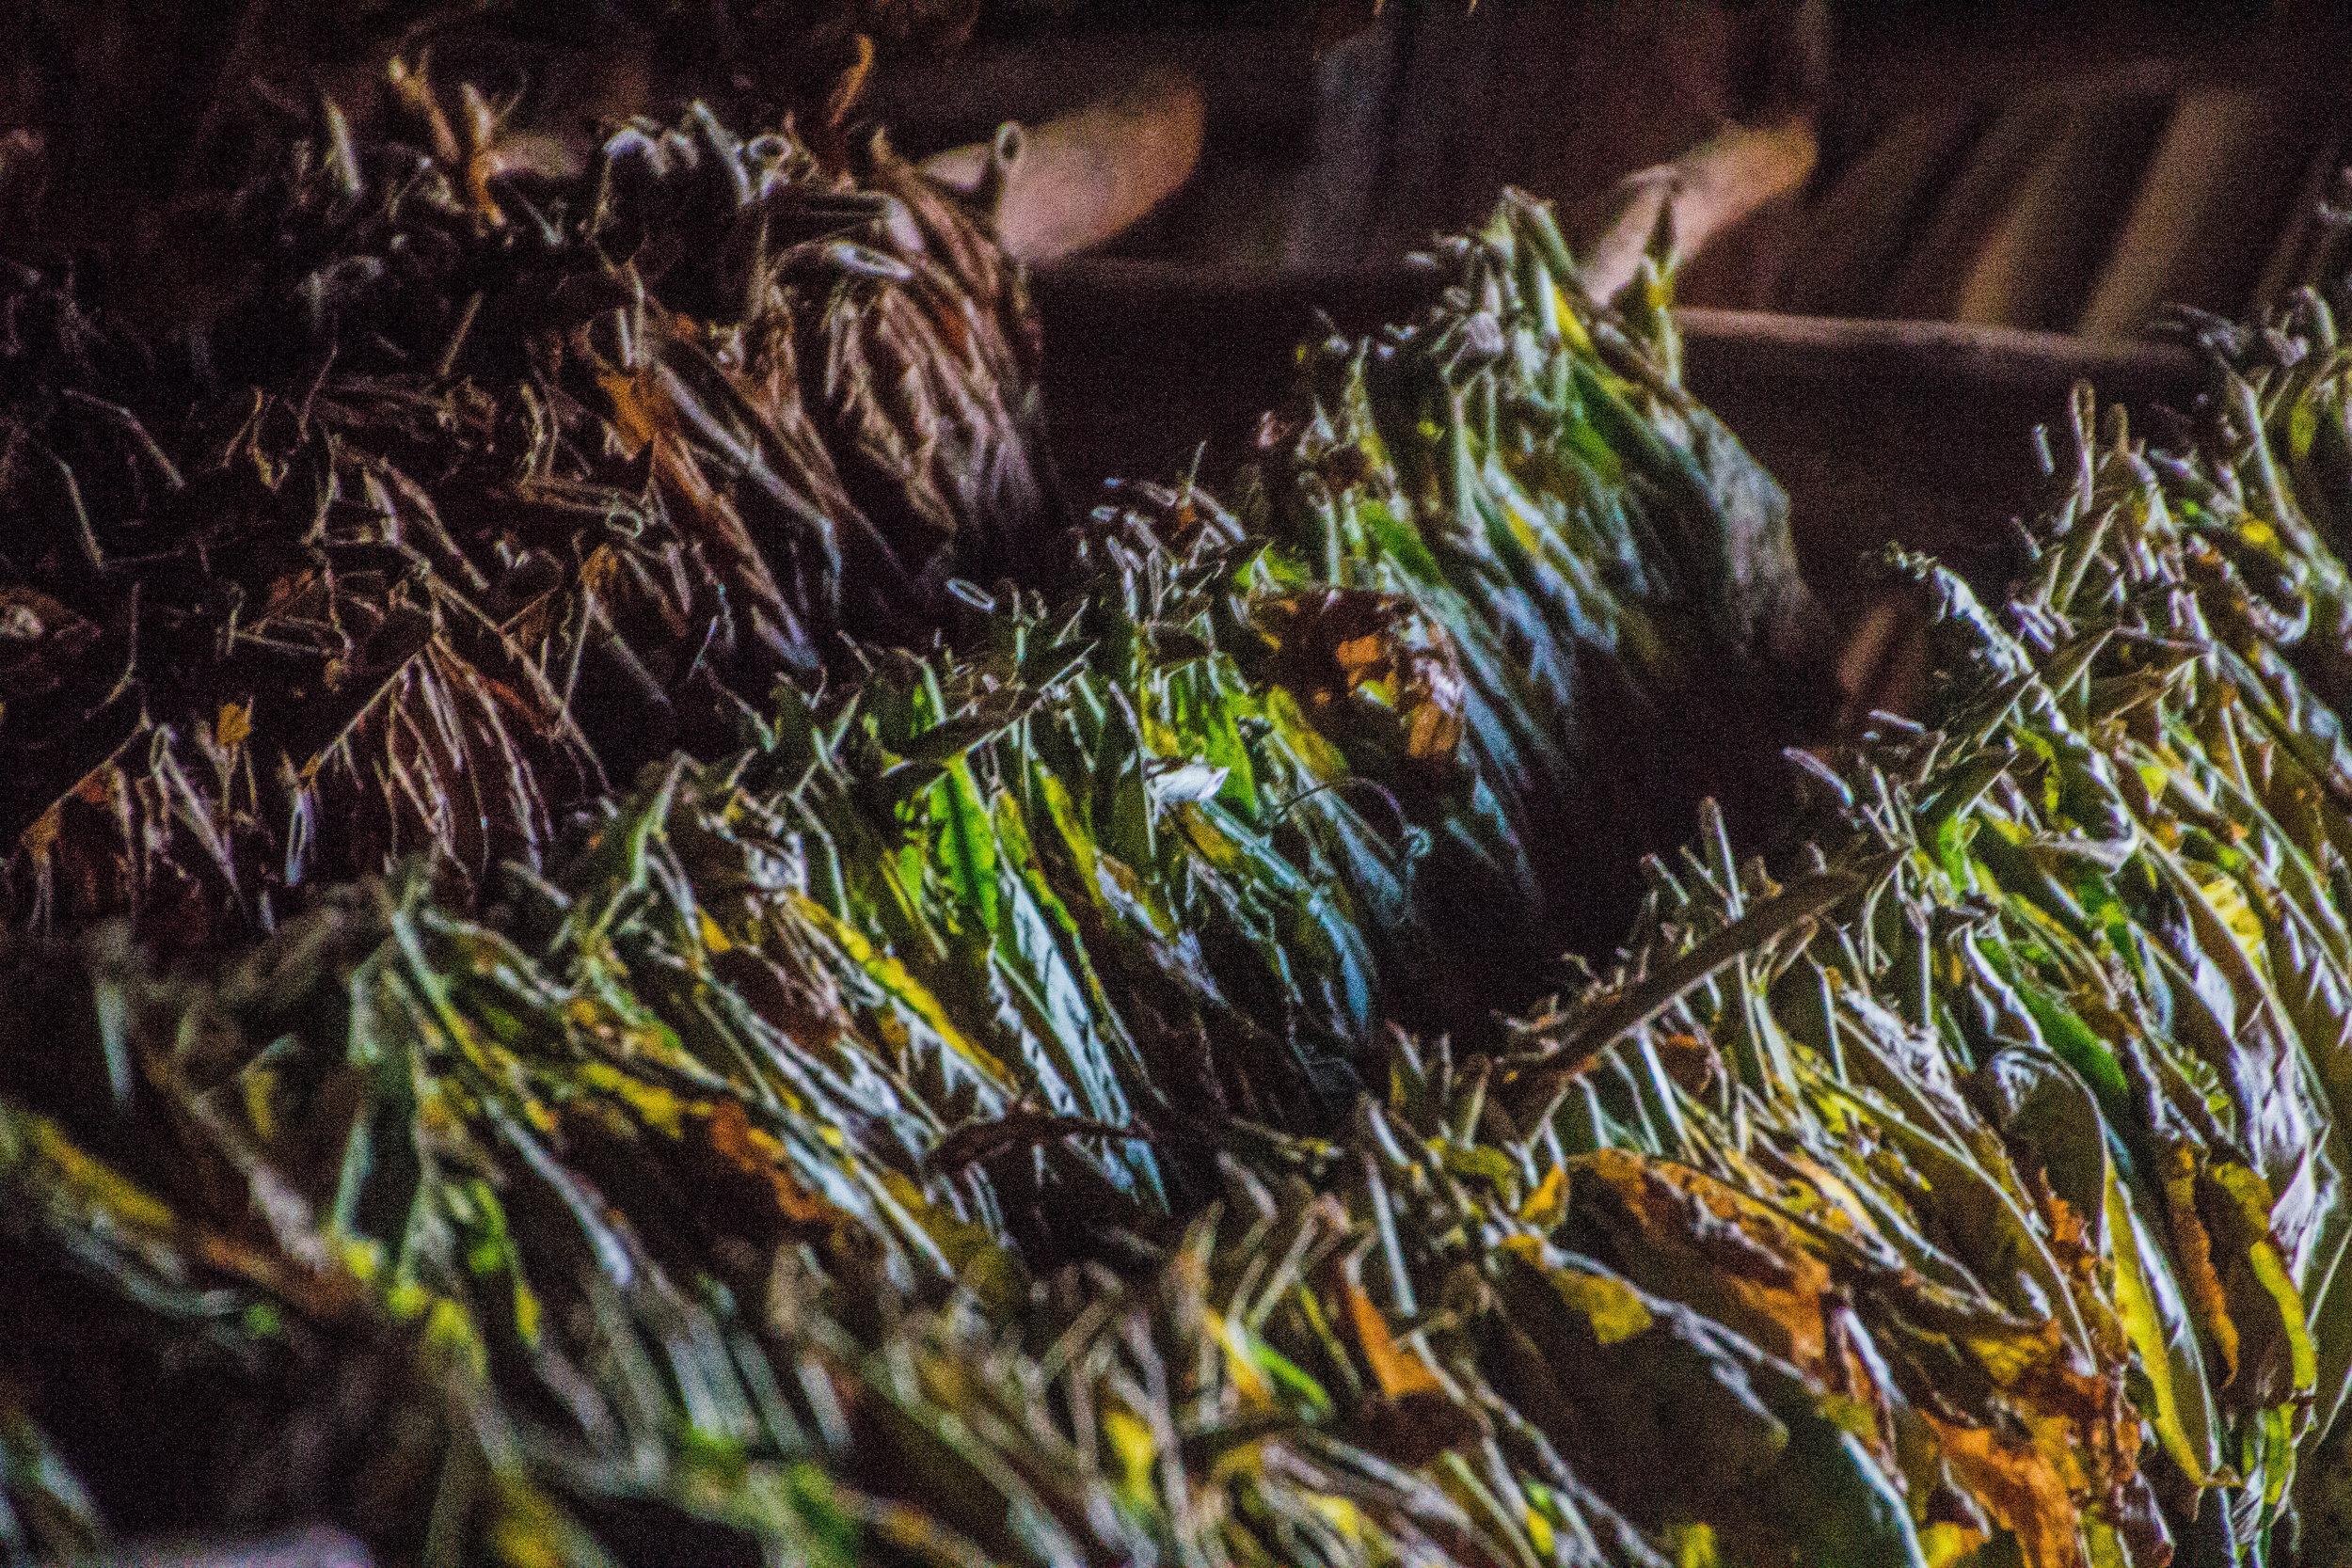 tobacco crop viñales cuba-1-2-2.jpg